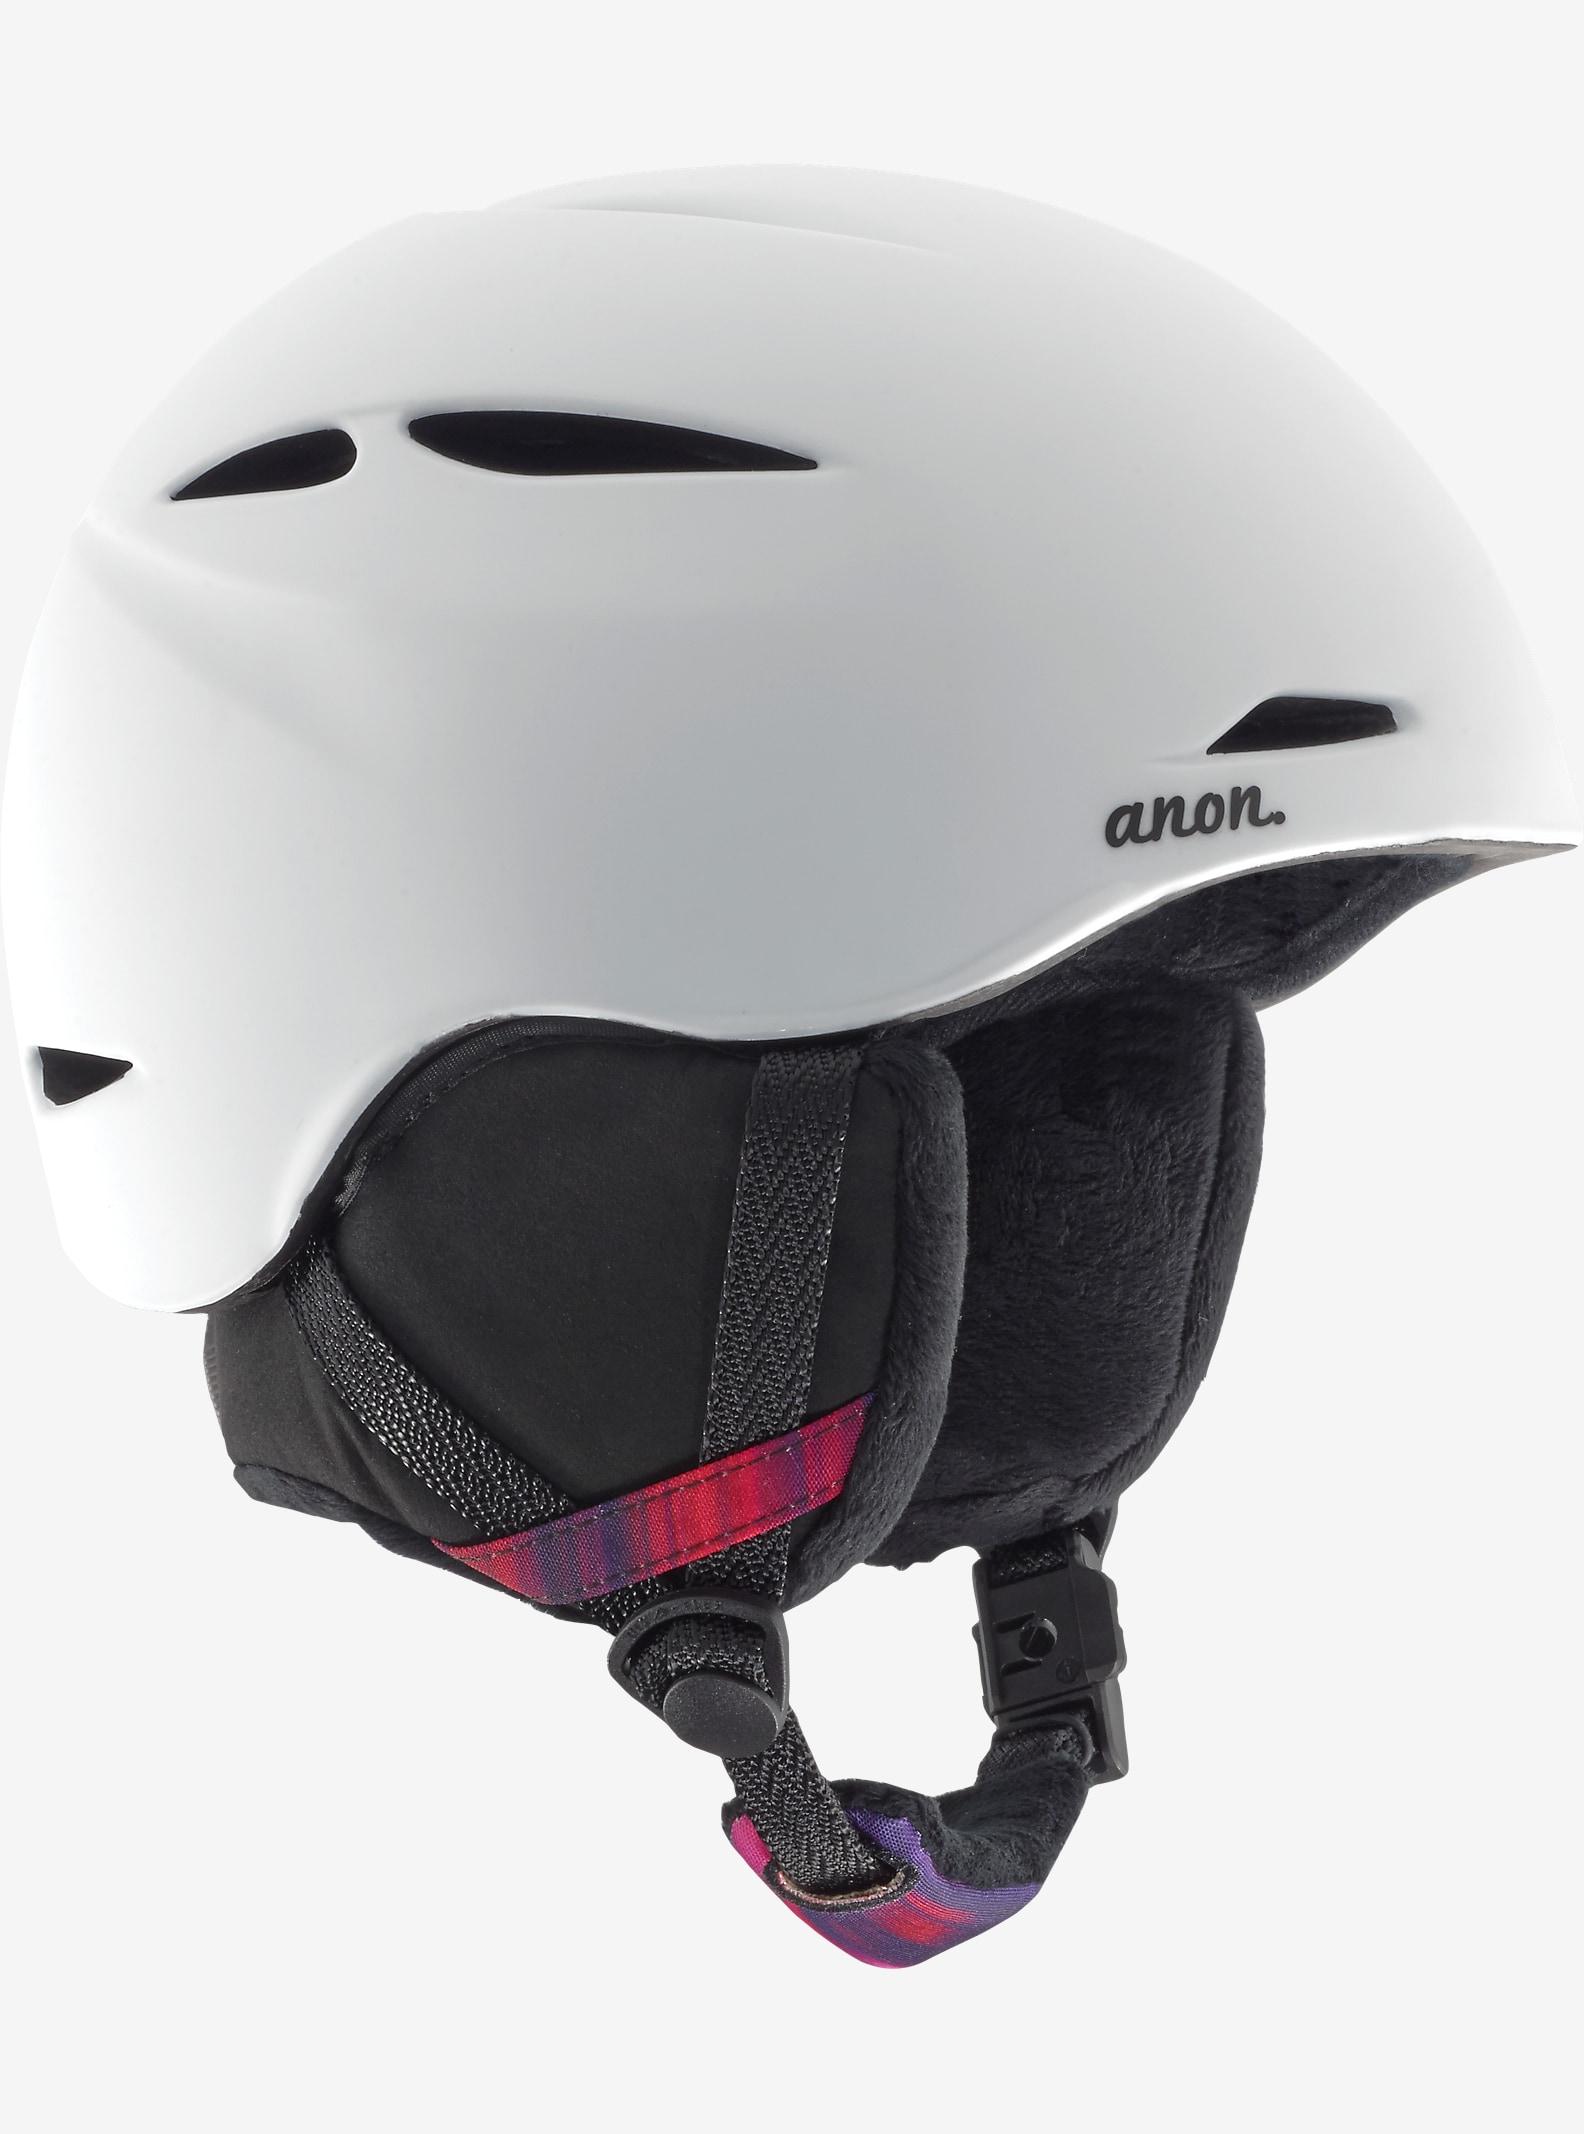 anon. Keira Helmet shown in White